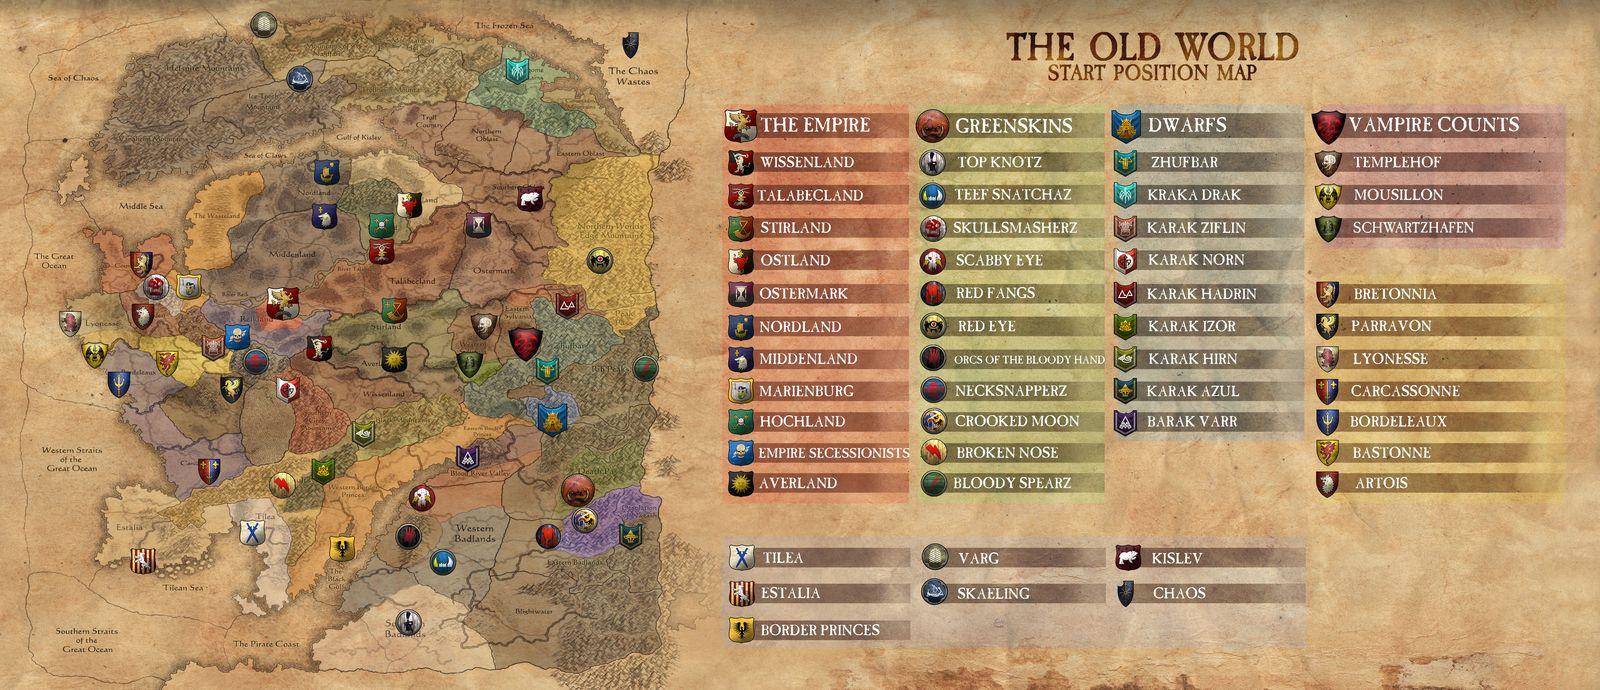 TWWH Map